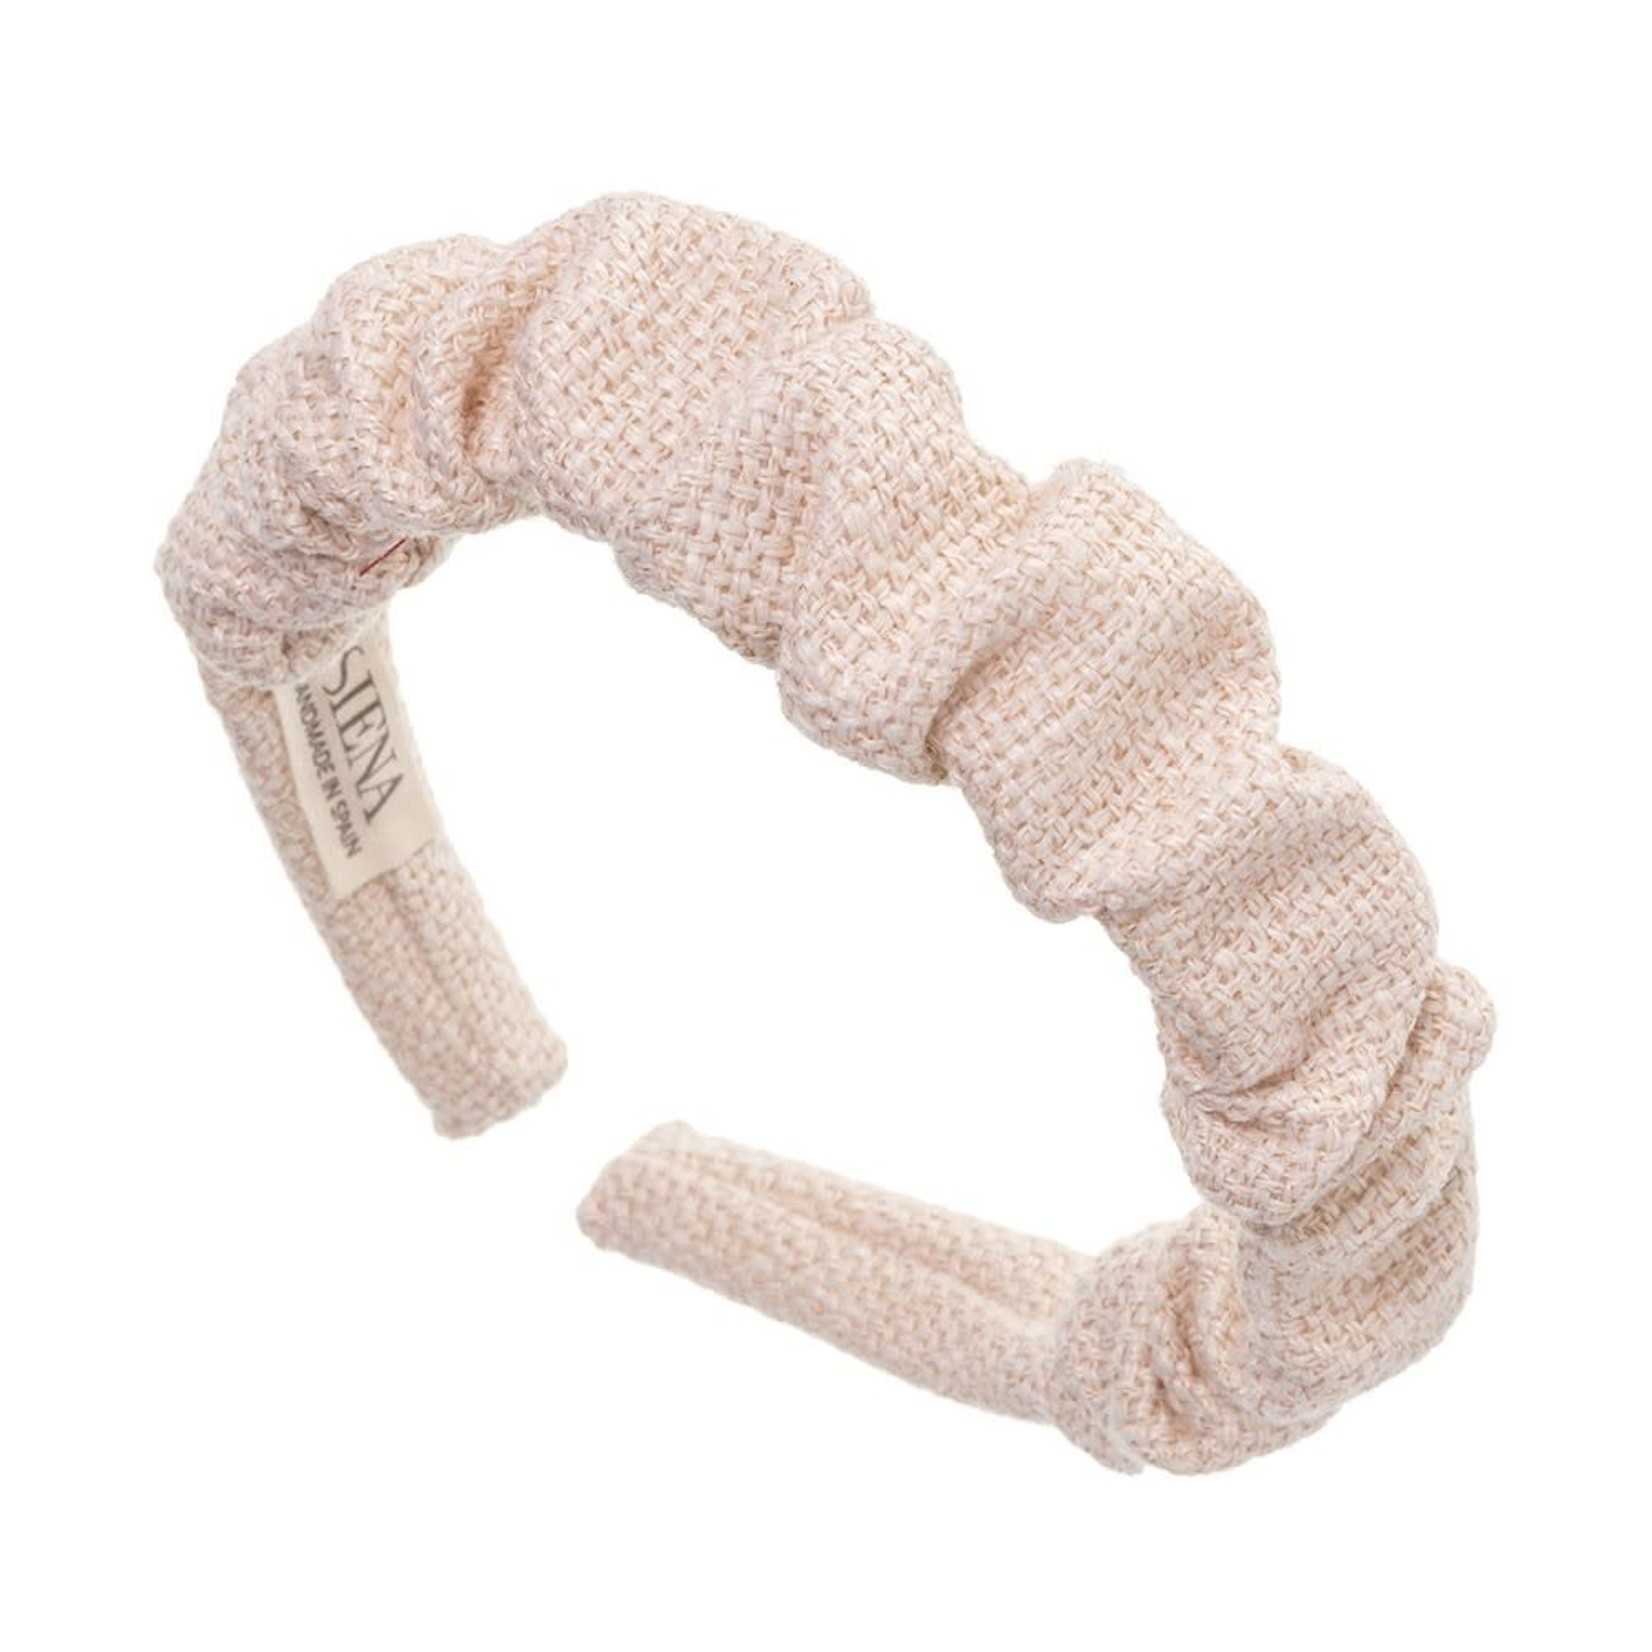 Siena Hairband Scrunchie - Crudo